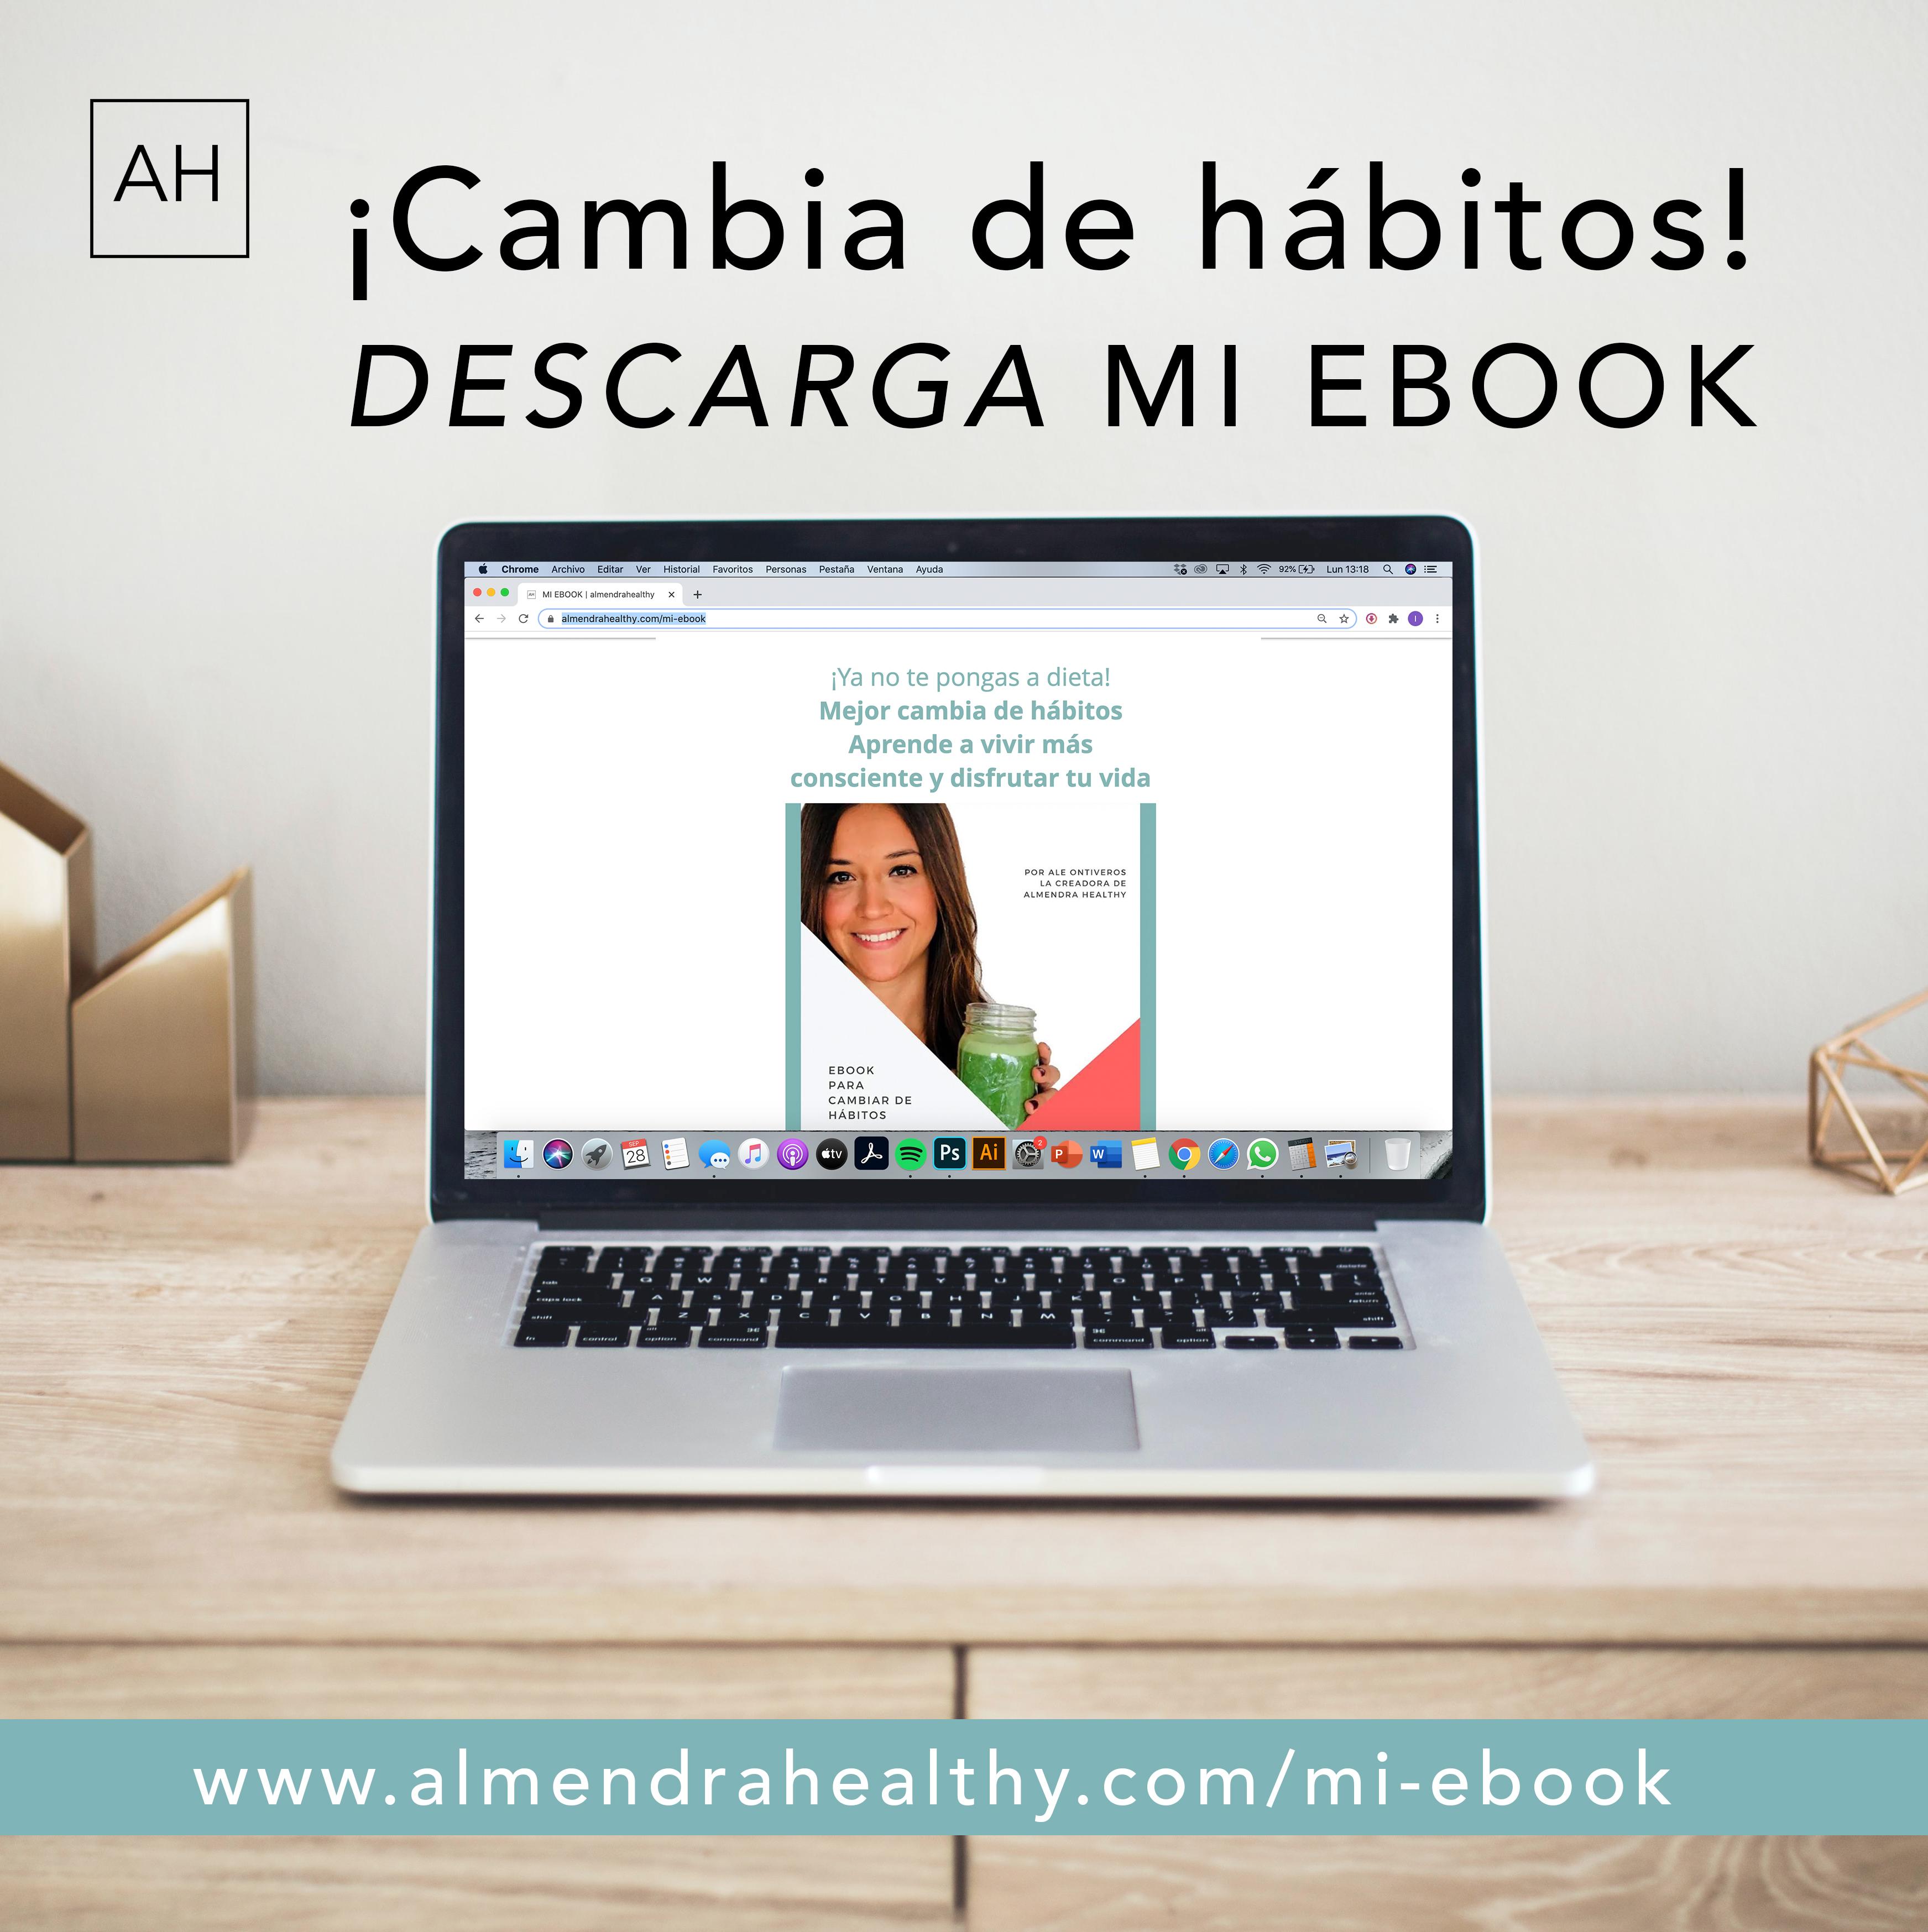 descarga mi ebook